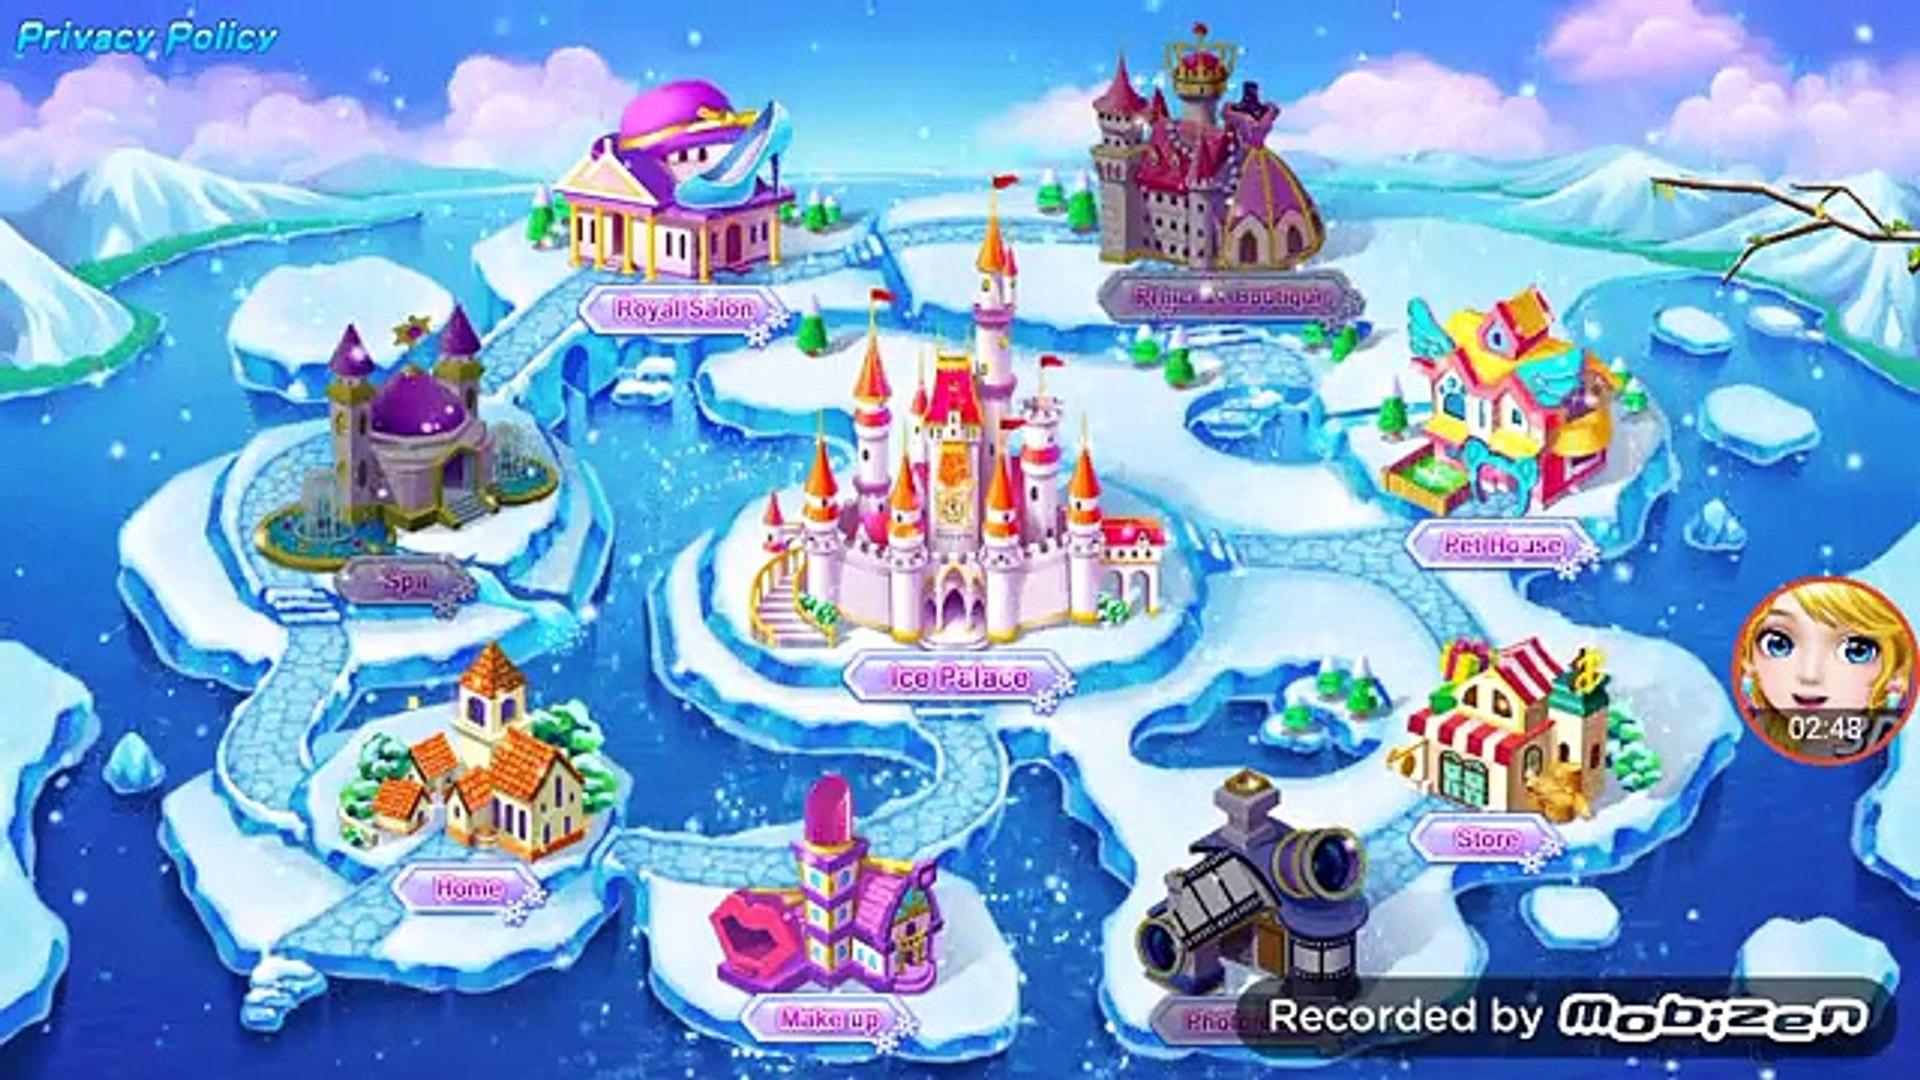 Juegos De Princesas Para Vestir Y Maquillar Para Jugar Disney 2016 Hd